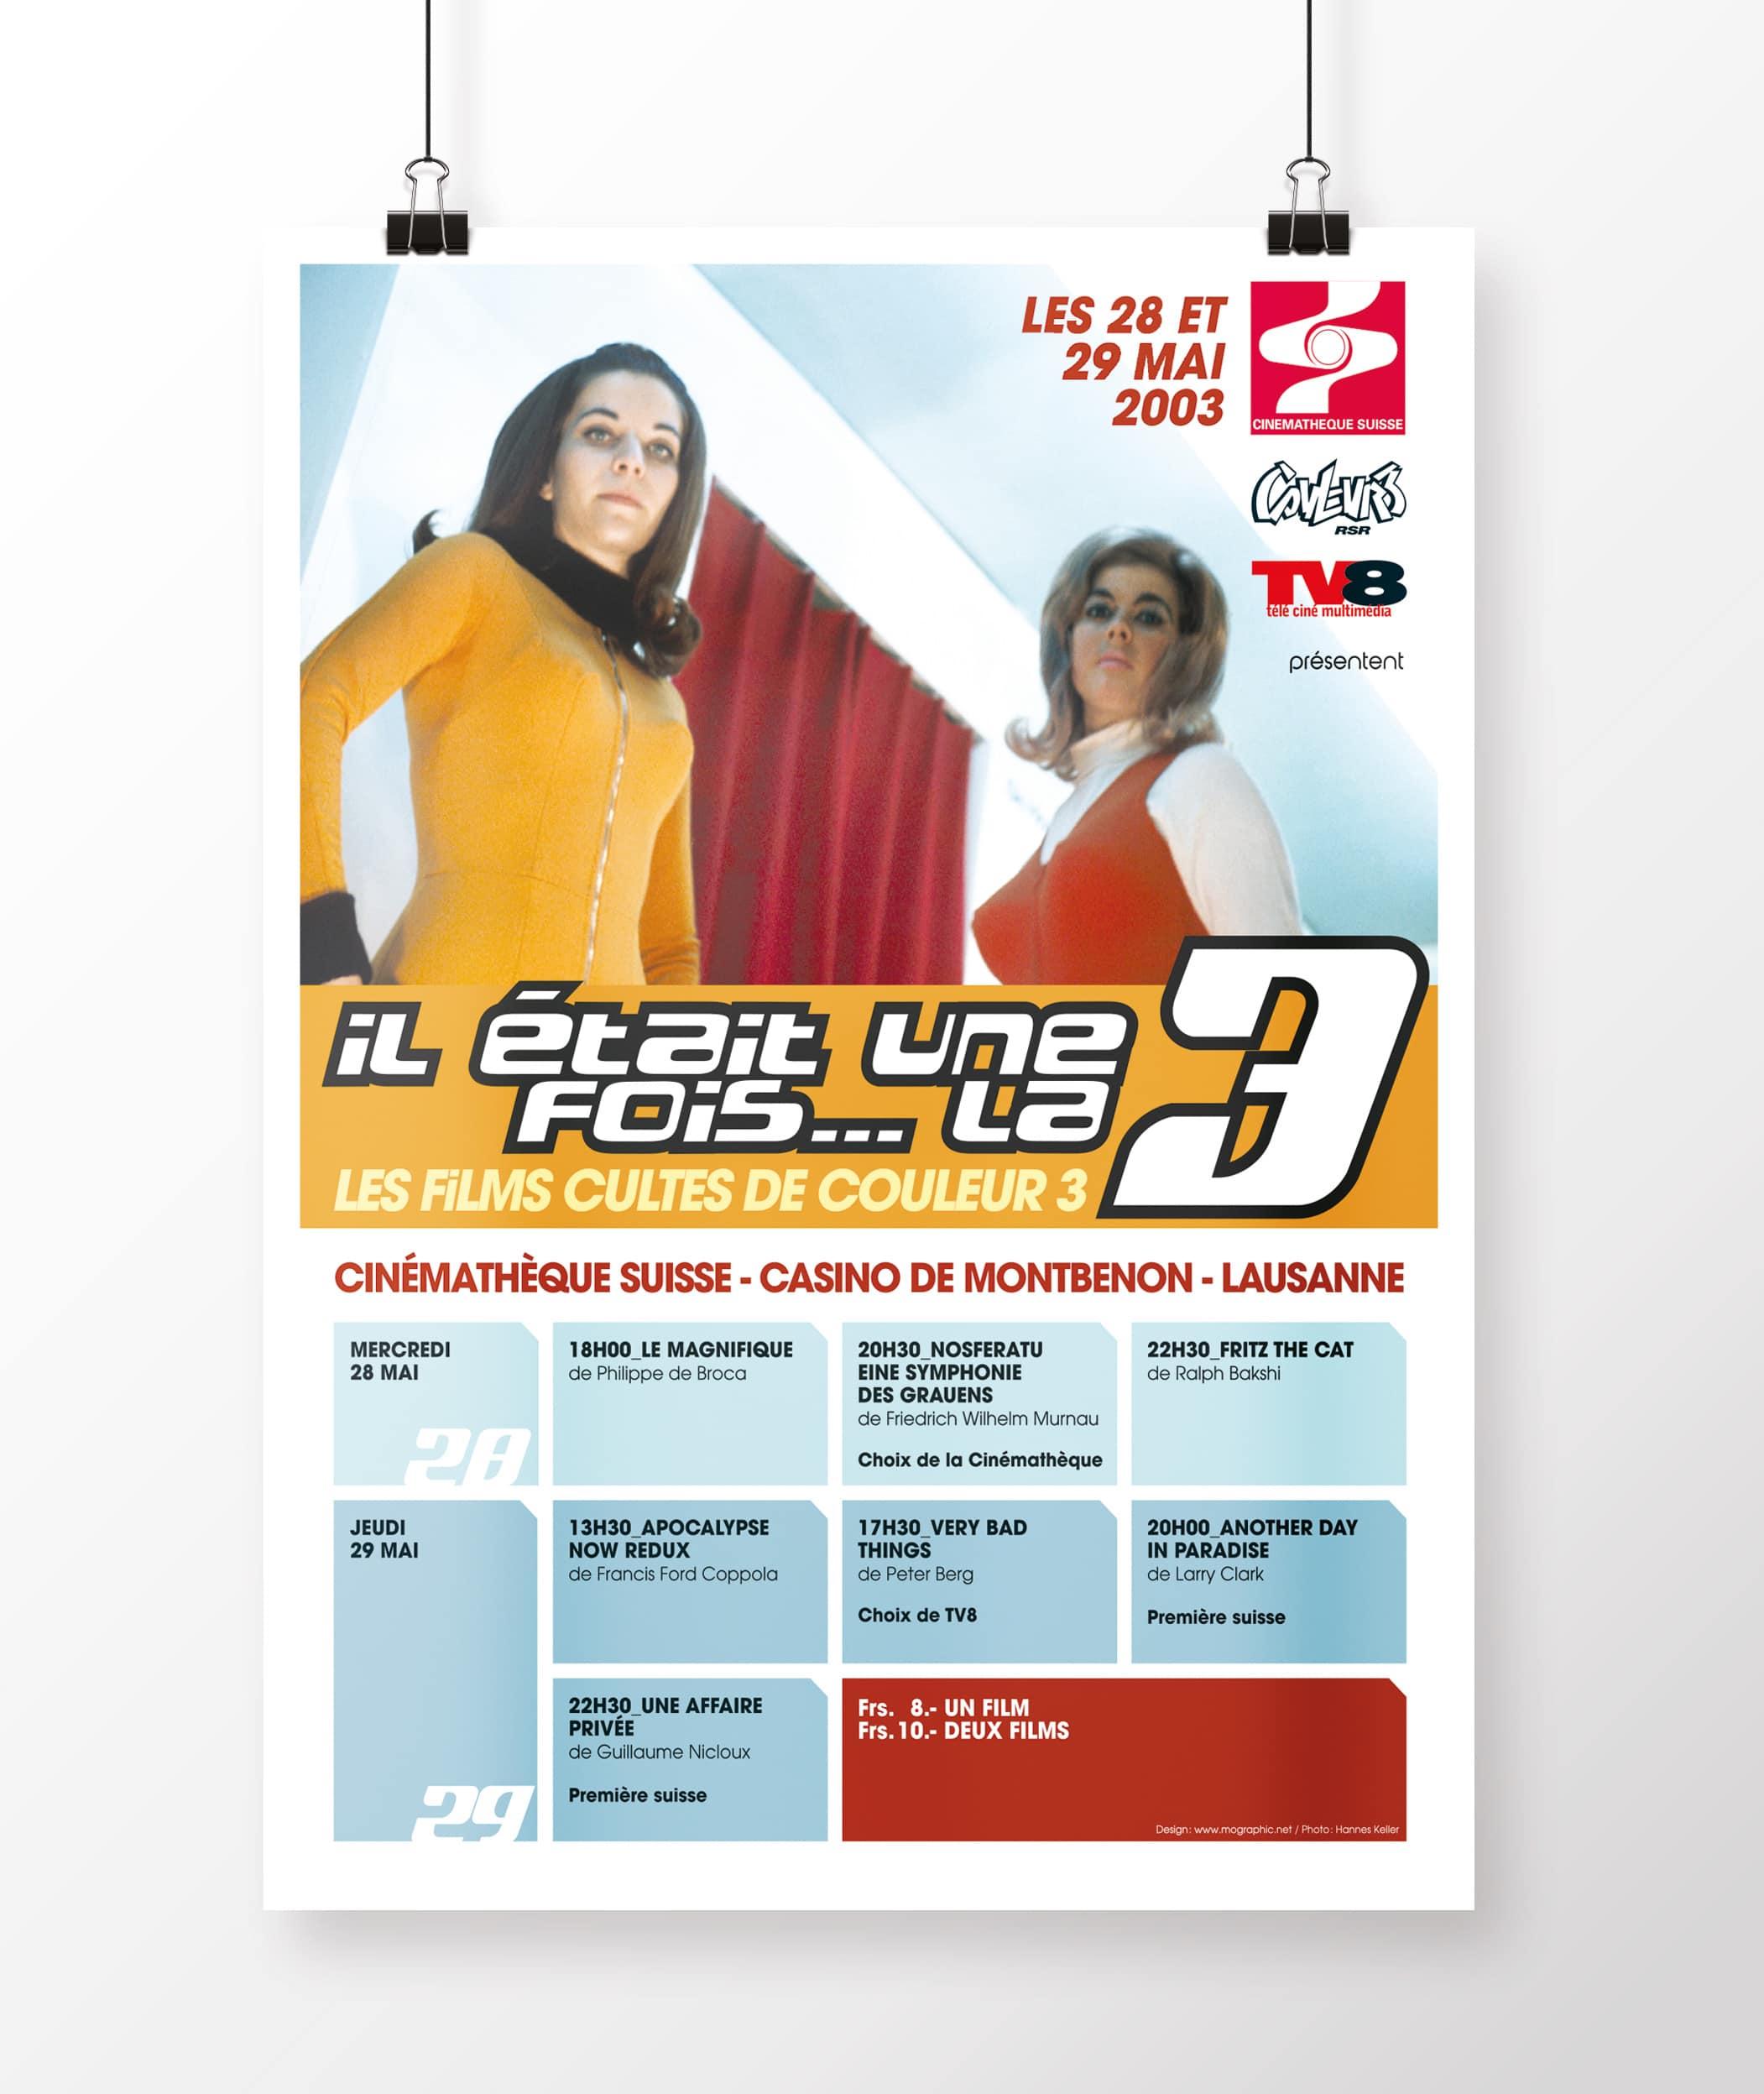 RSR Couleur 3 / Il était une fois la 3 / Festival de films cultes - Haymoz design